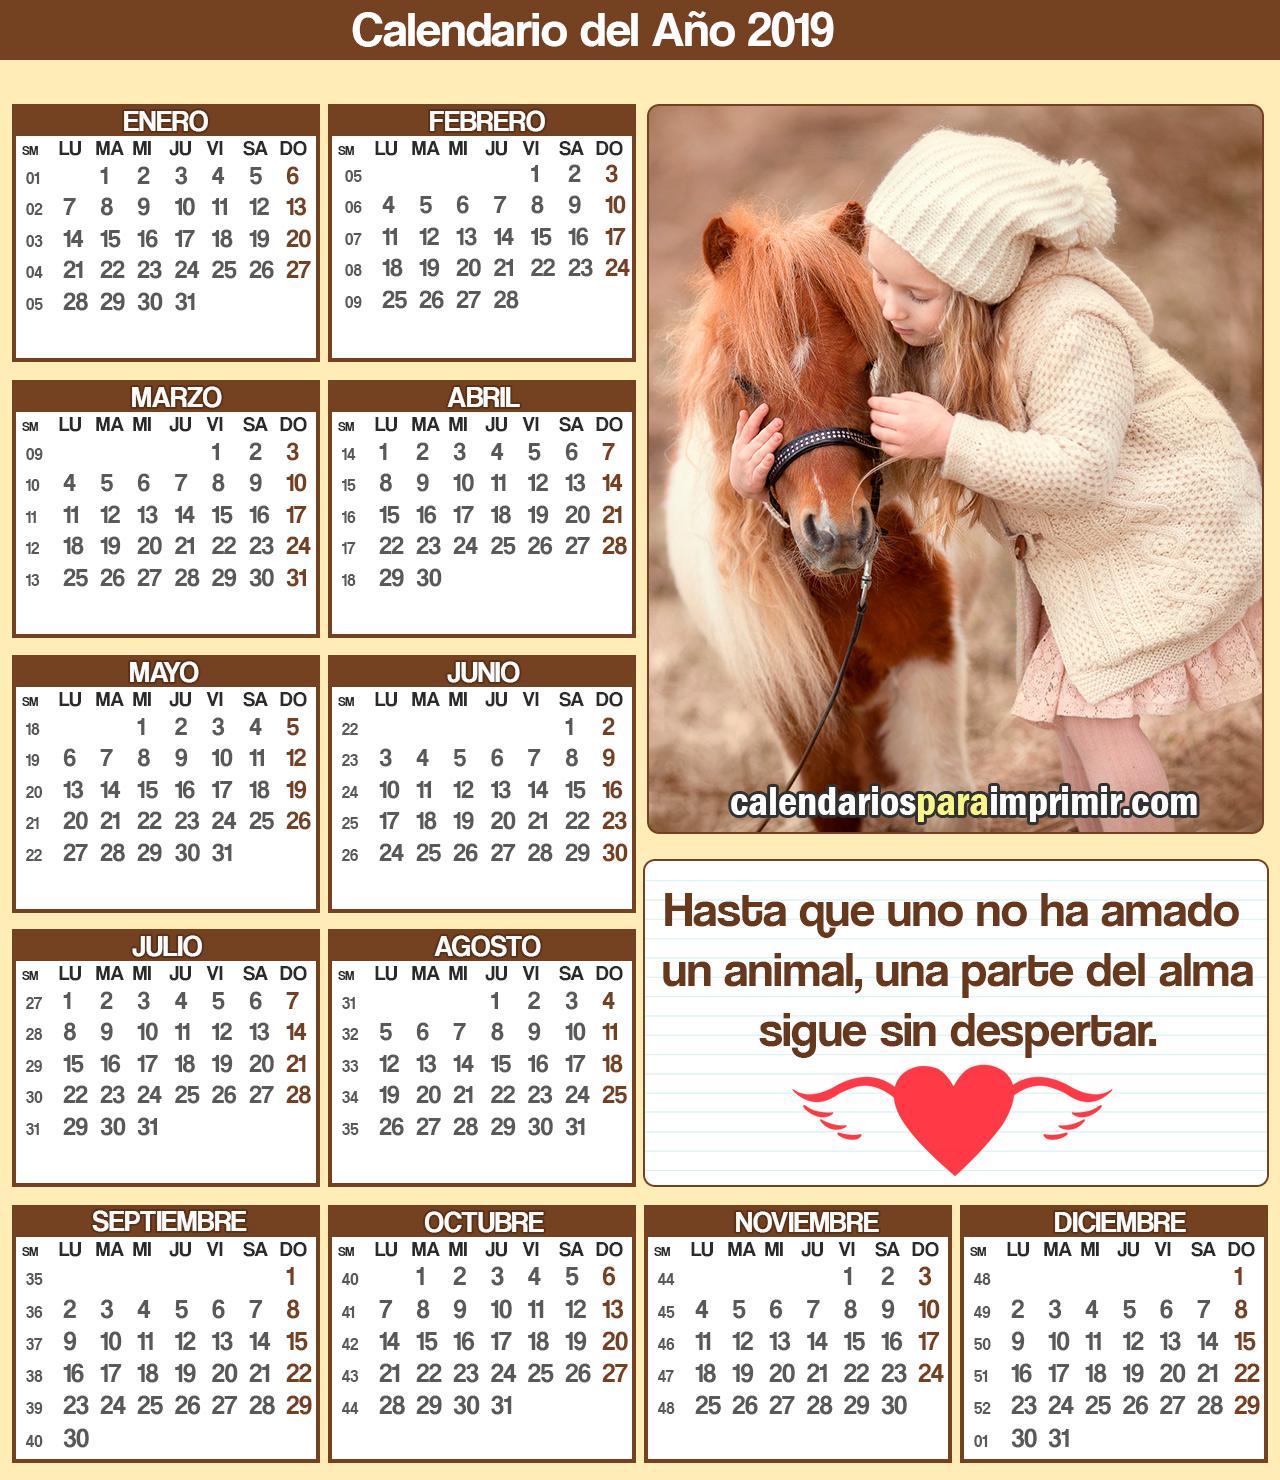 calendario 2019 animales para imprimir